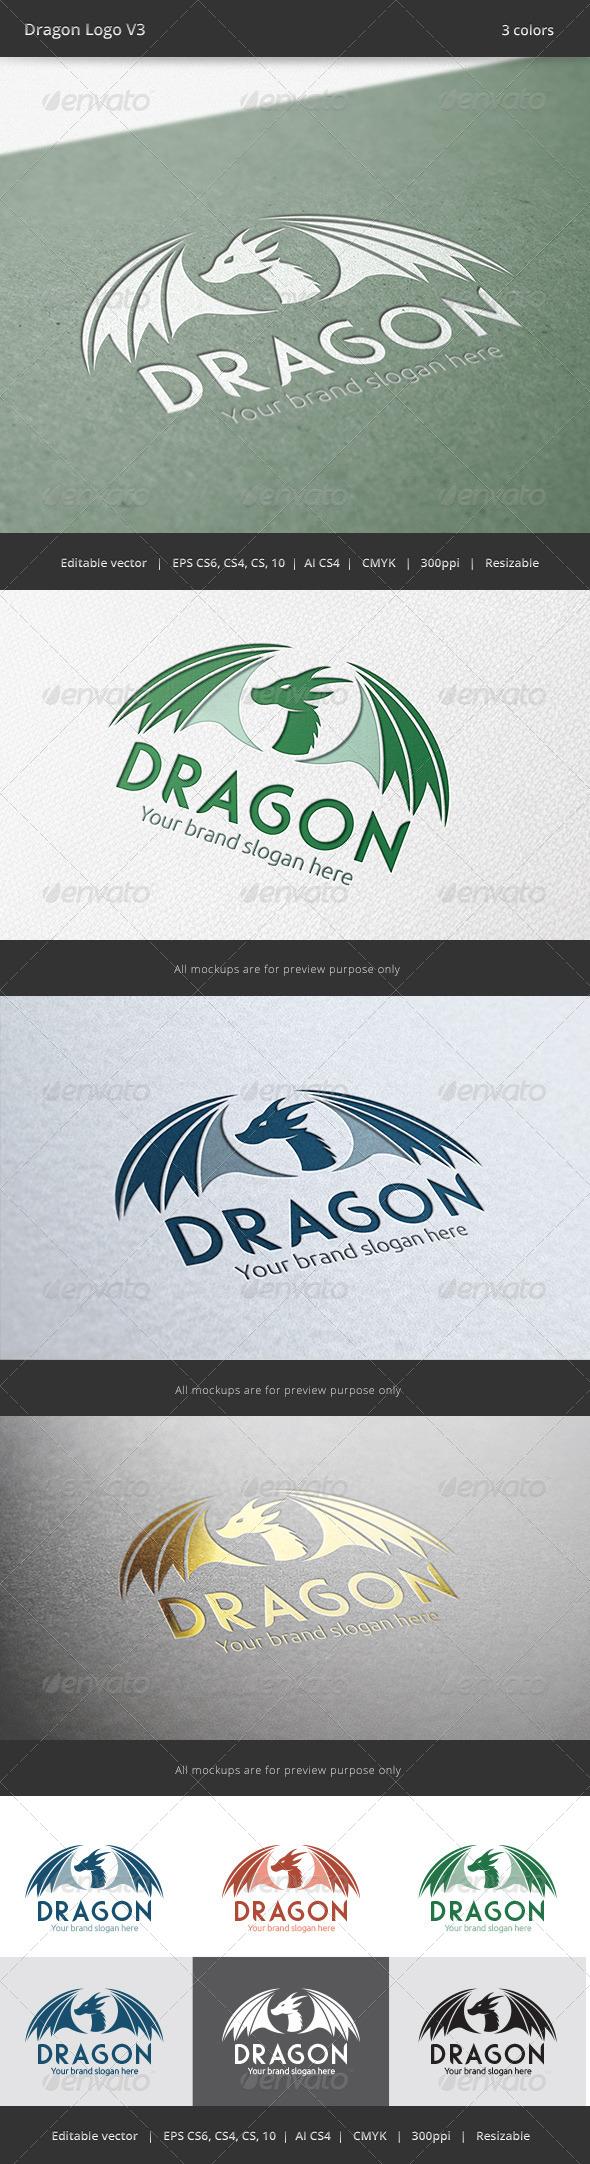 GraphicRiver Dragon V3 Logo 6768607